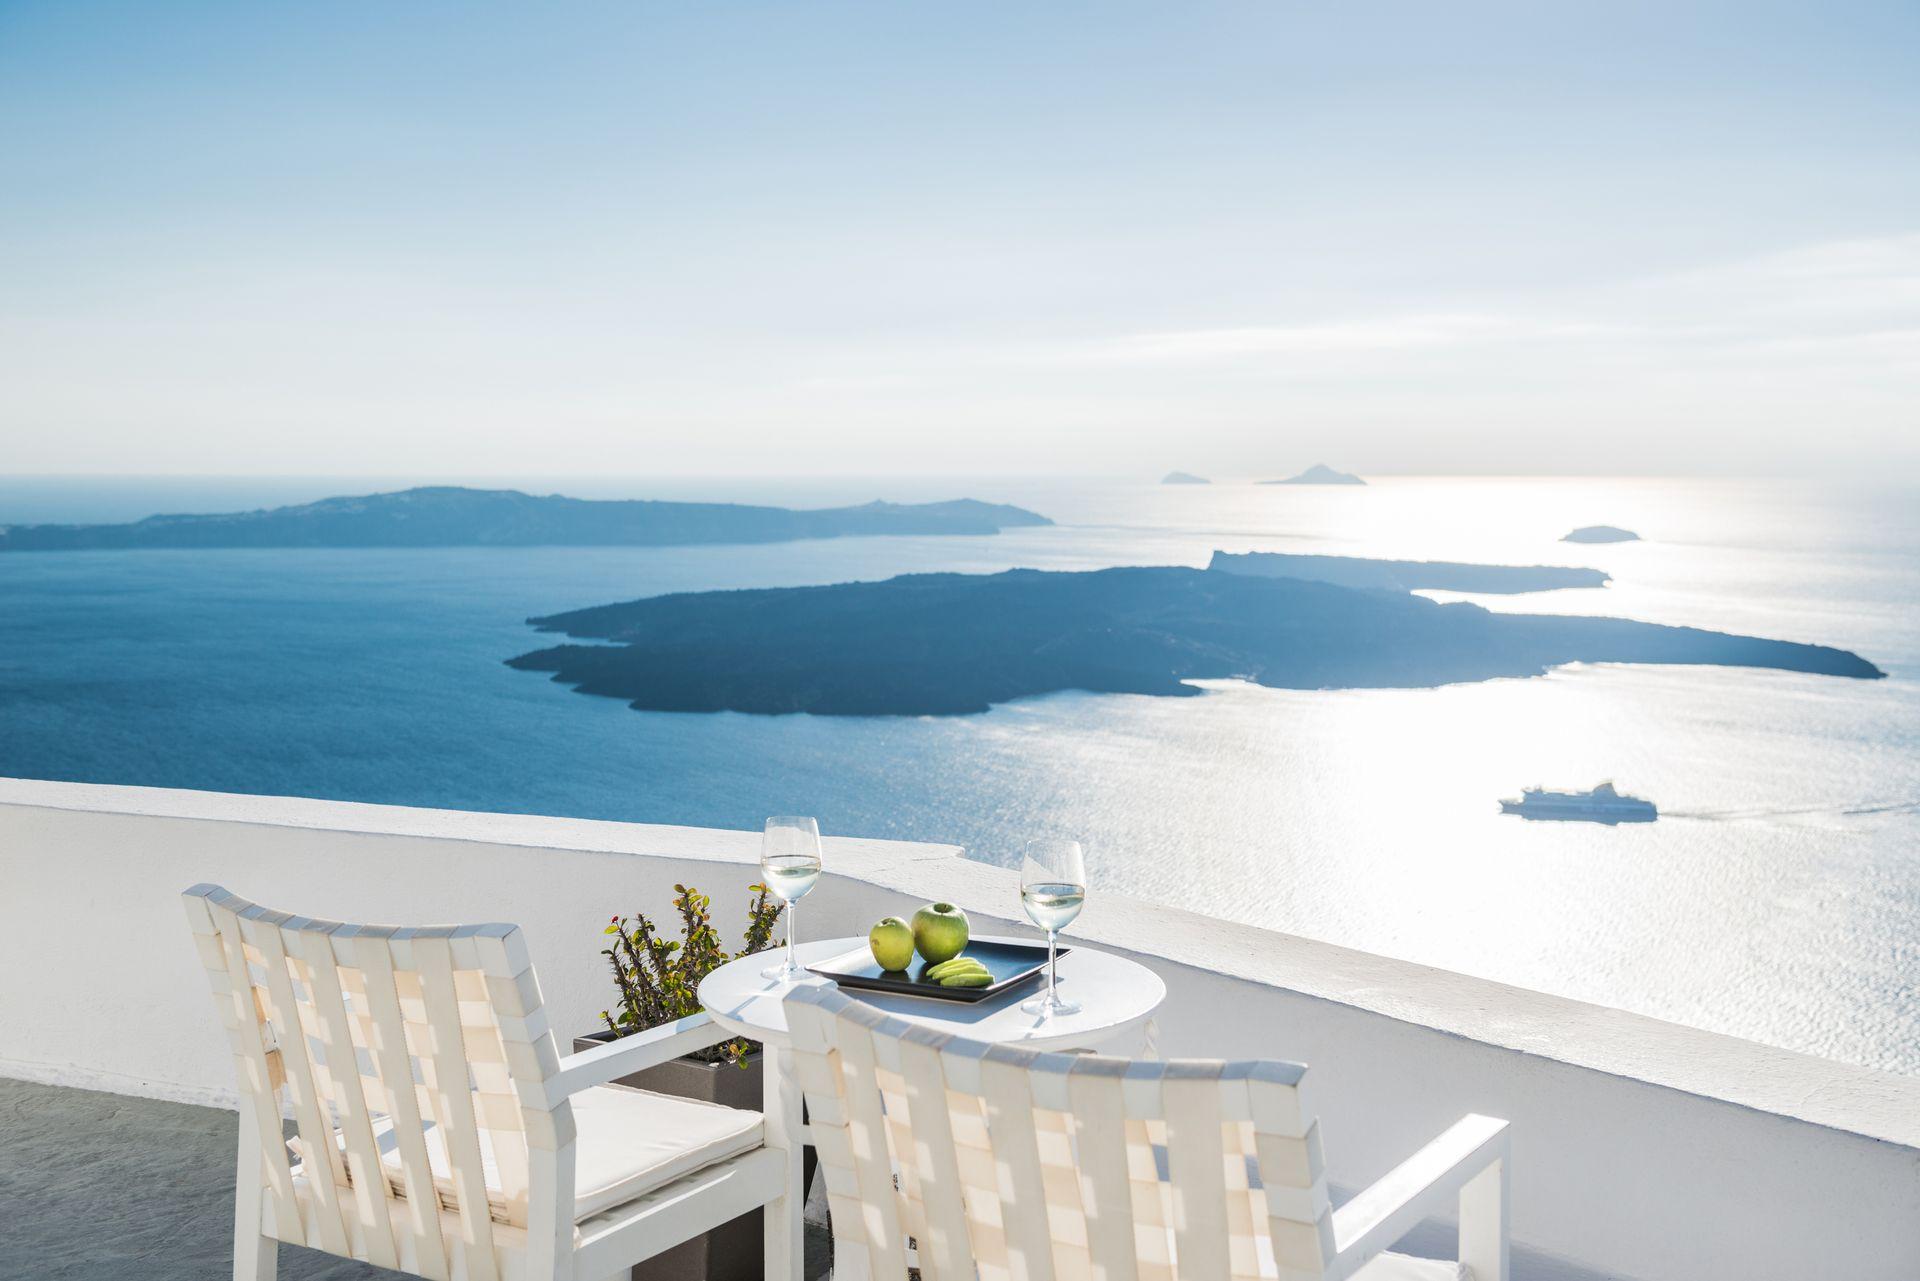 On The Rocks Hotel - Σαντορίνη ✦ 2 Ημέρες (1 Διανυκτέρευση) ✦ 2 άτομα ✦ Πρωινό ✦ 01/09/2021 έως 30/09/2021 ✦ Θέα στο Αιγαίο!